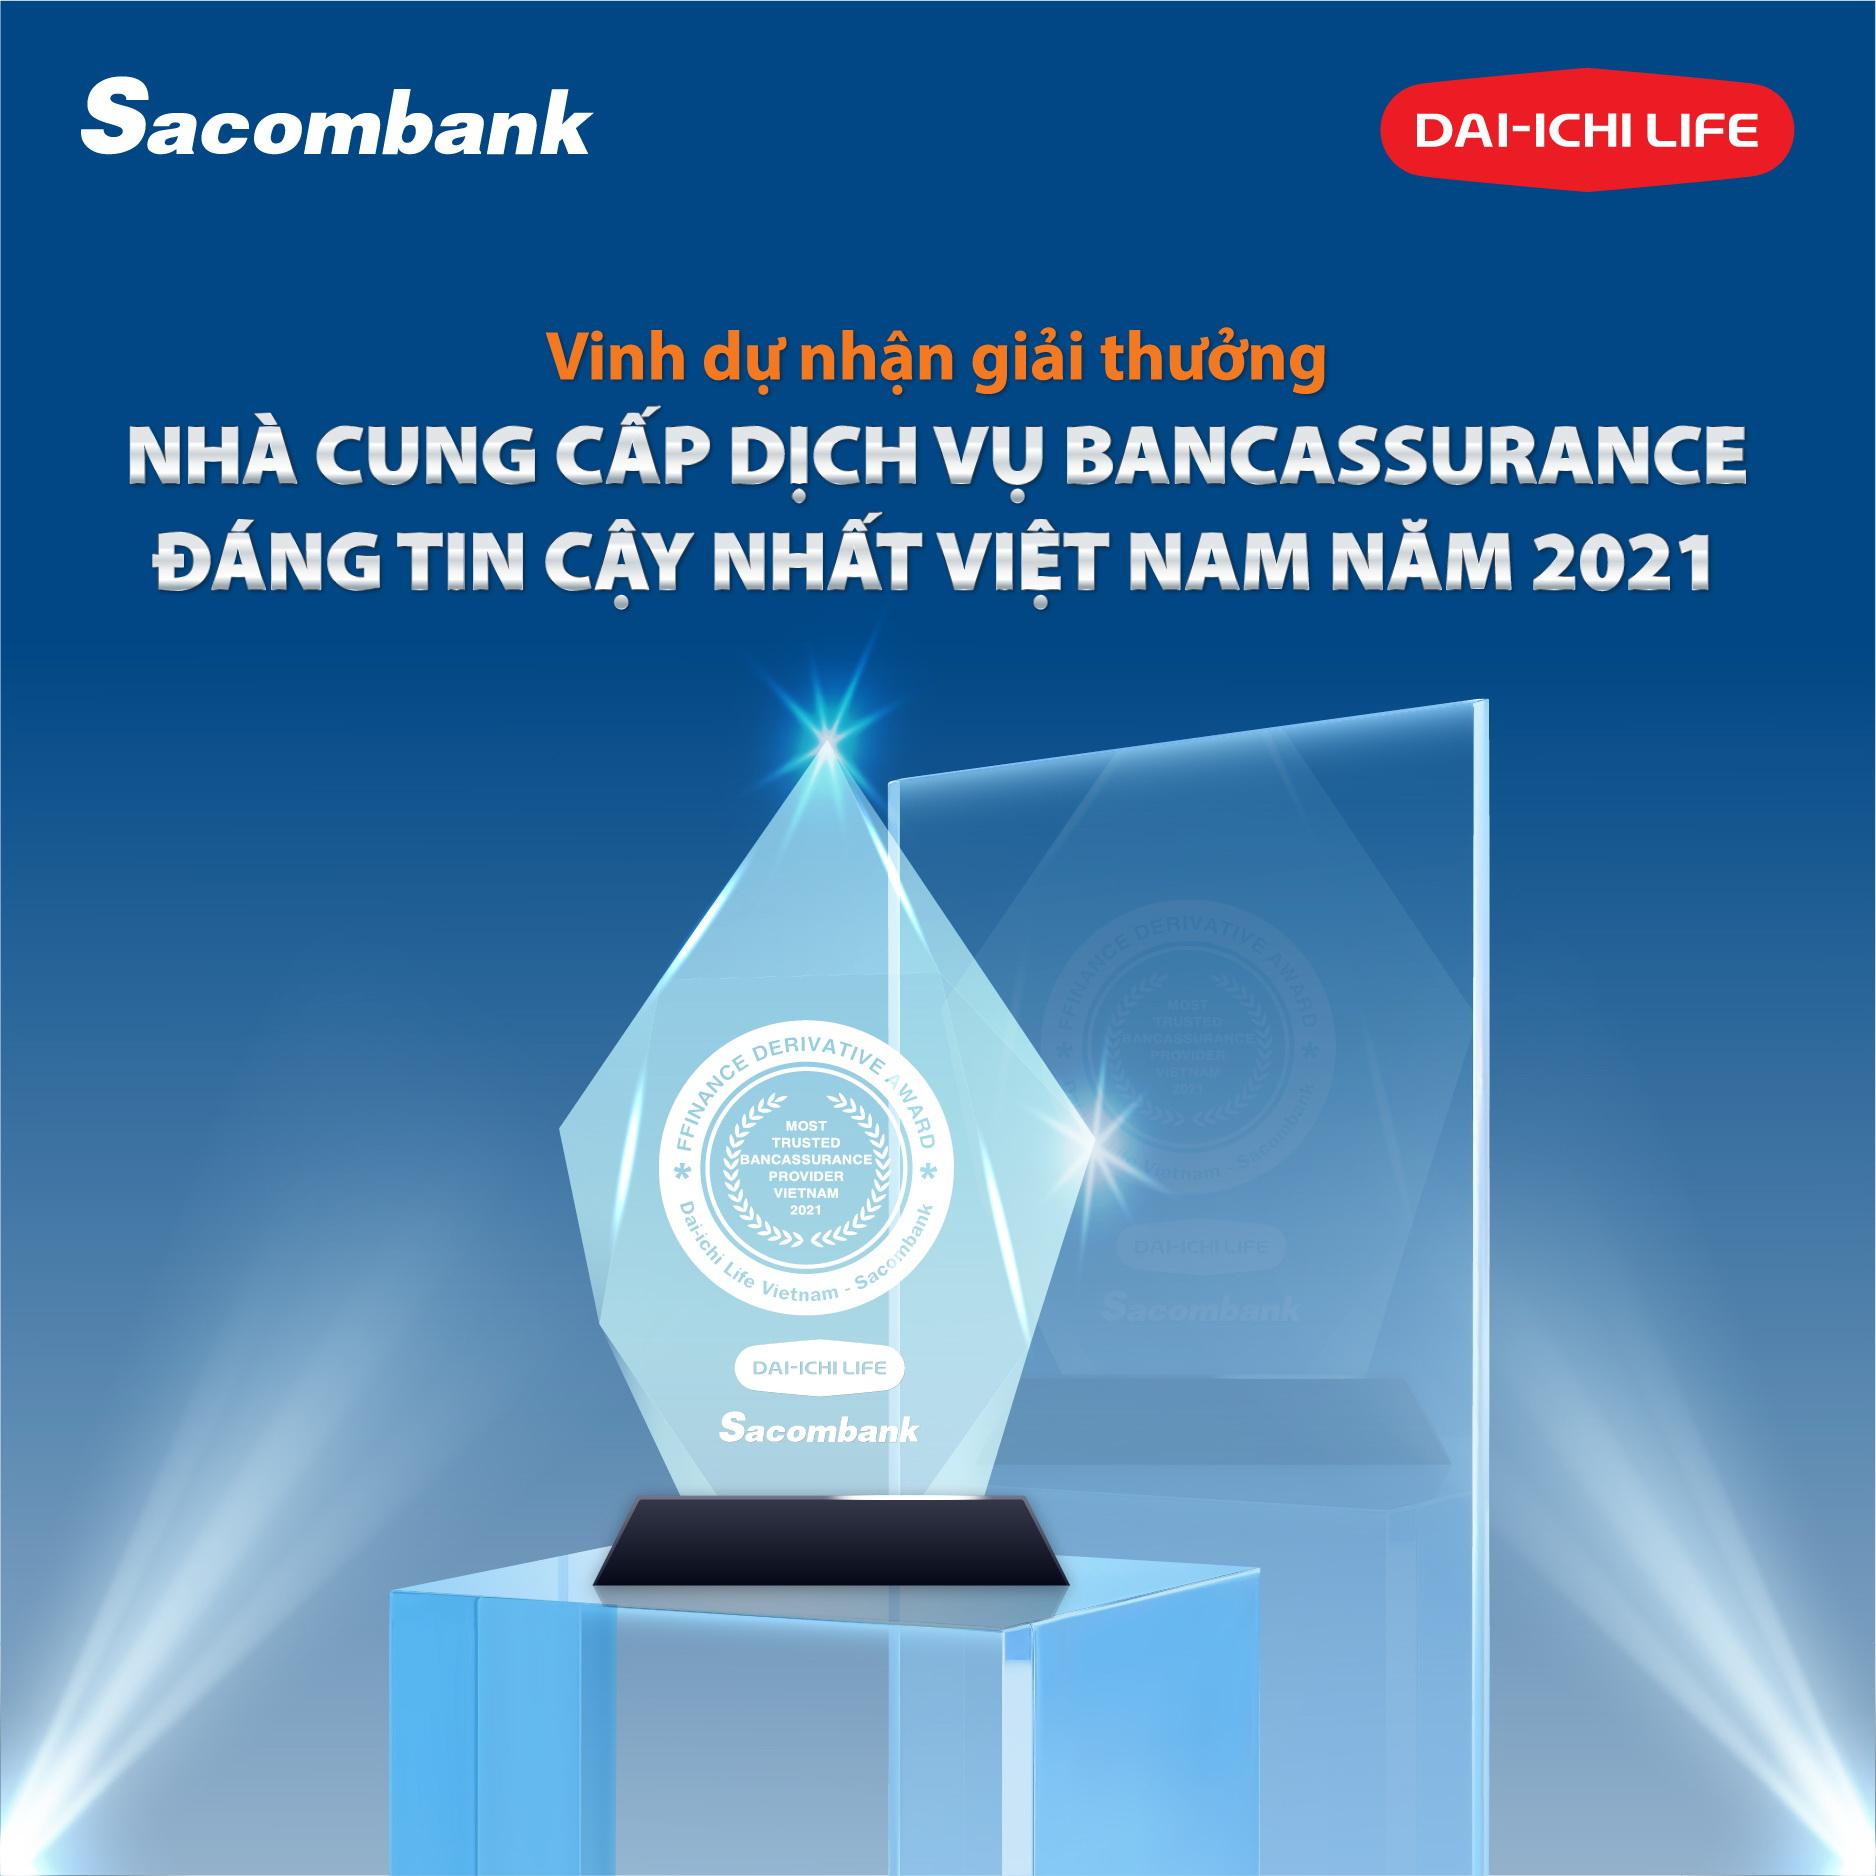 Sacombank và Dai-ichi Life Việt Nam là nhà cung cấp dịch vụ Bancassuranse đáng tin cậy nhất Việt Nam 2021  - Ảnh 1.